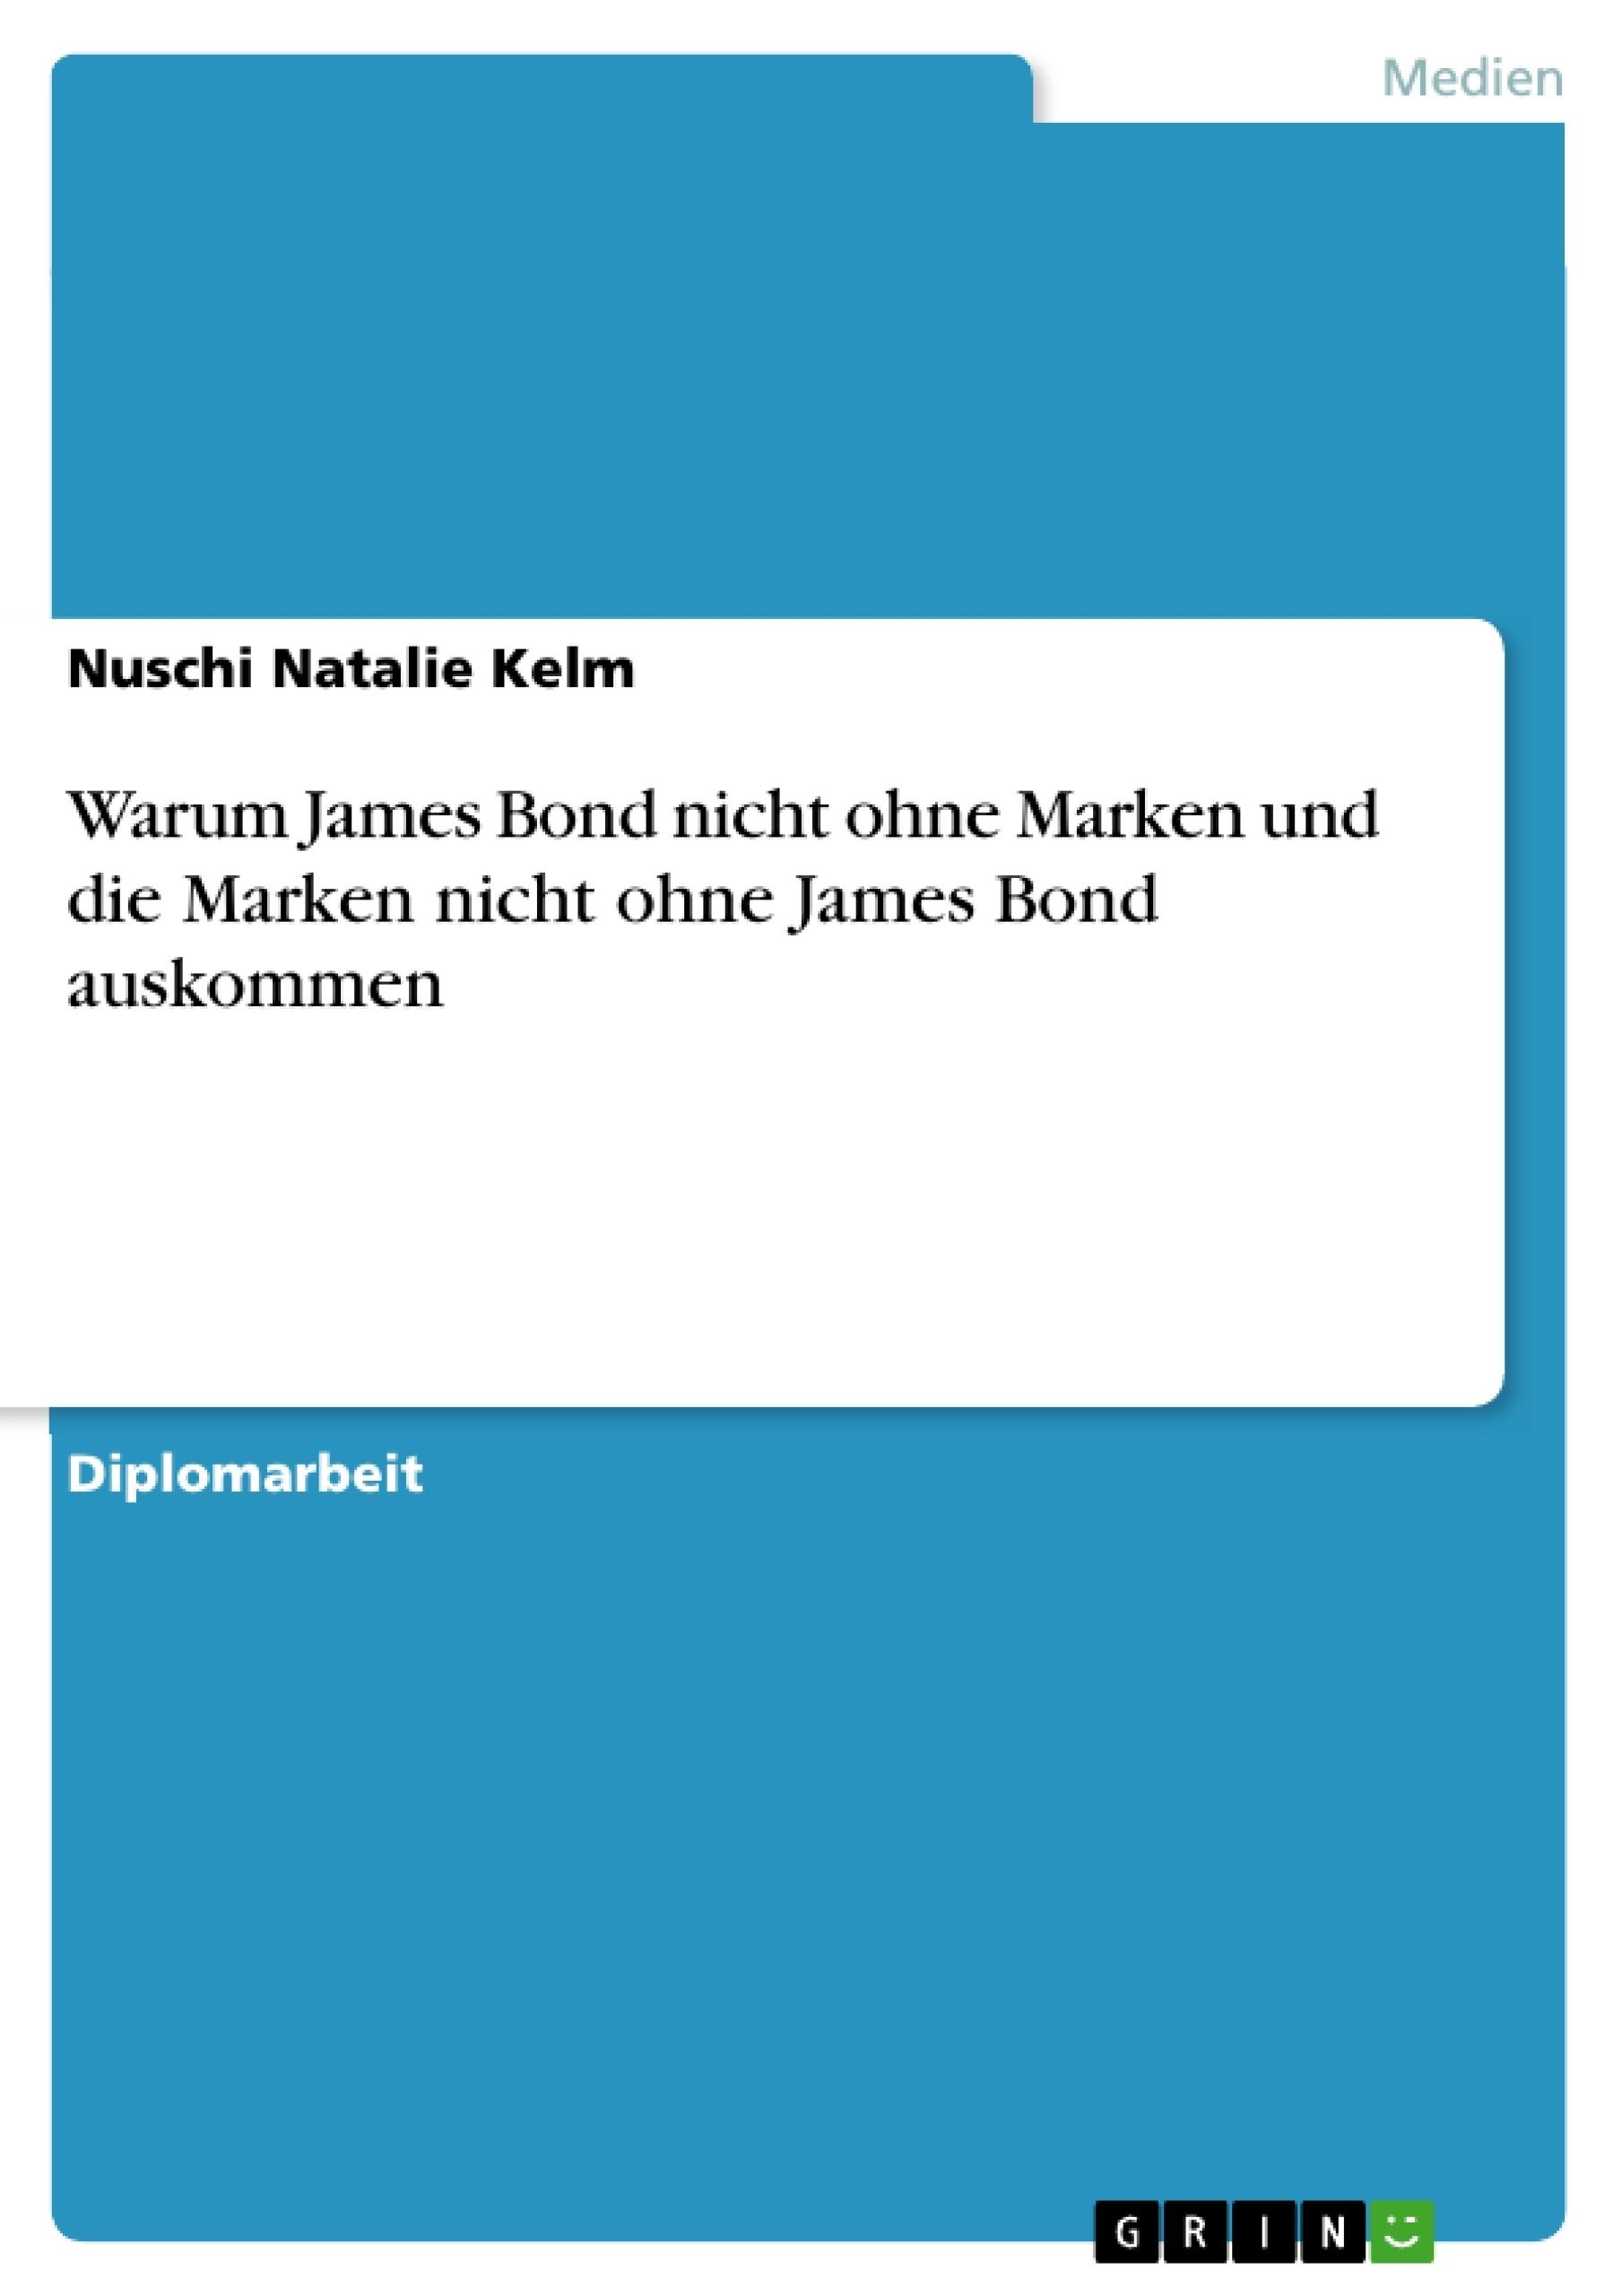 Titel: Warum James Bond nicht ohne Marken und die Marken nicht ohne James Bond auskommen